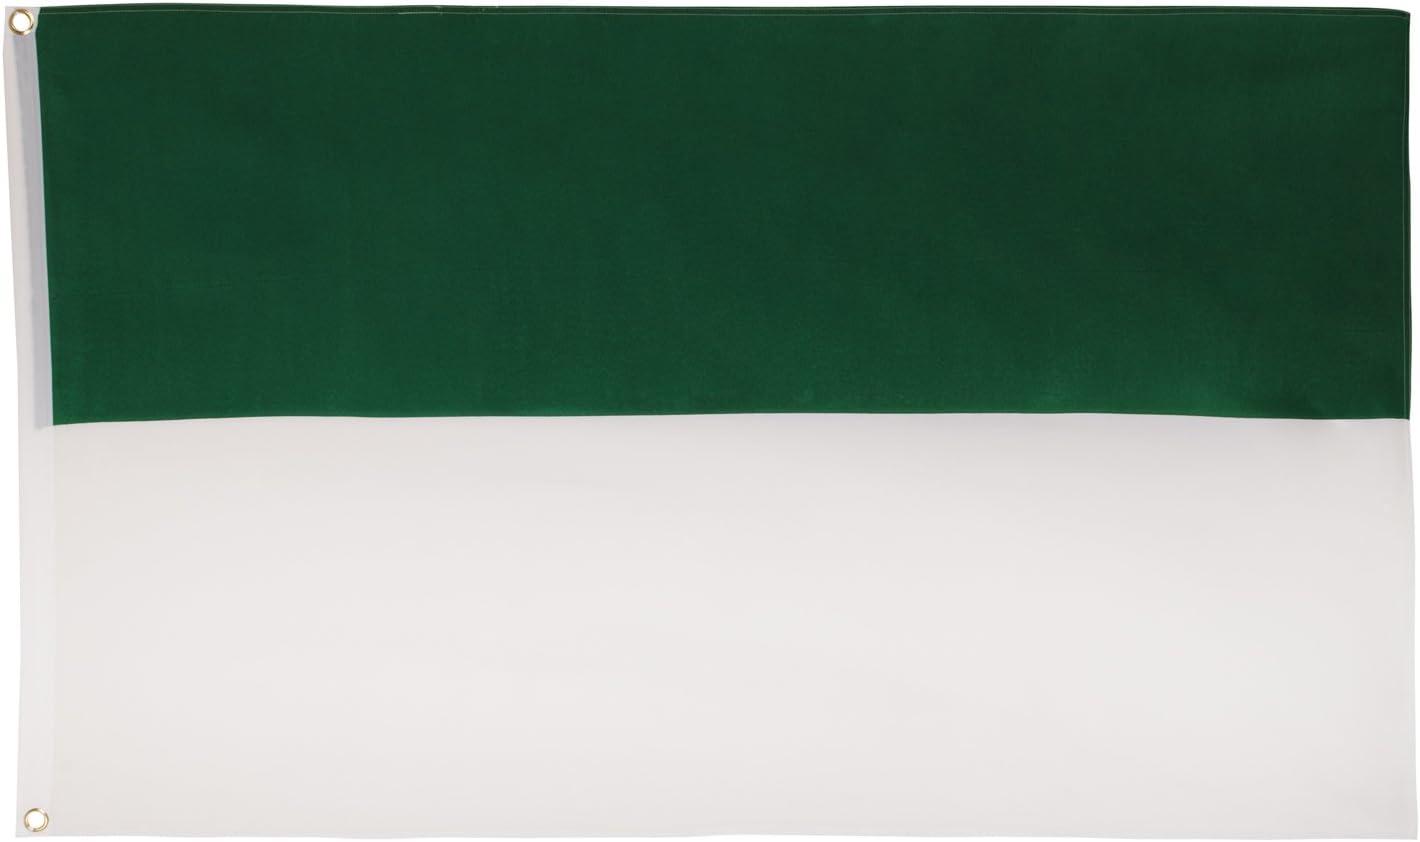 Flagge Fahne Grün Hissflagge 60 x 90 cm